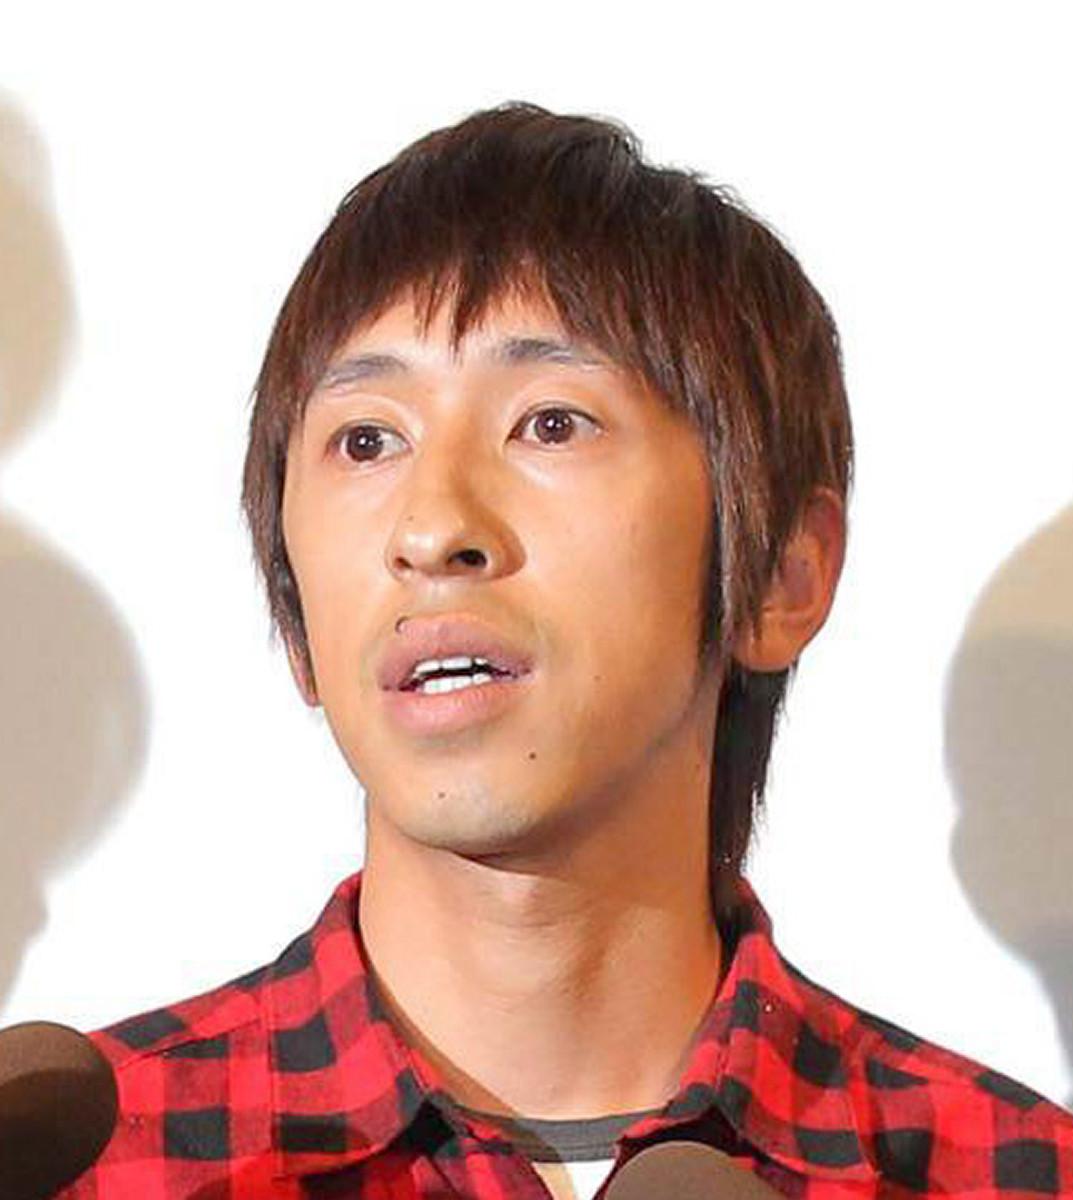 梶原雄太の画像 p1_37